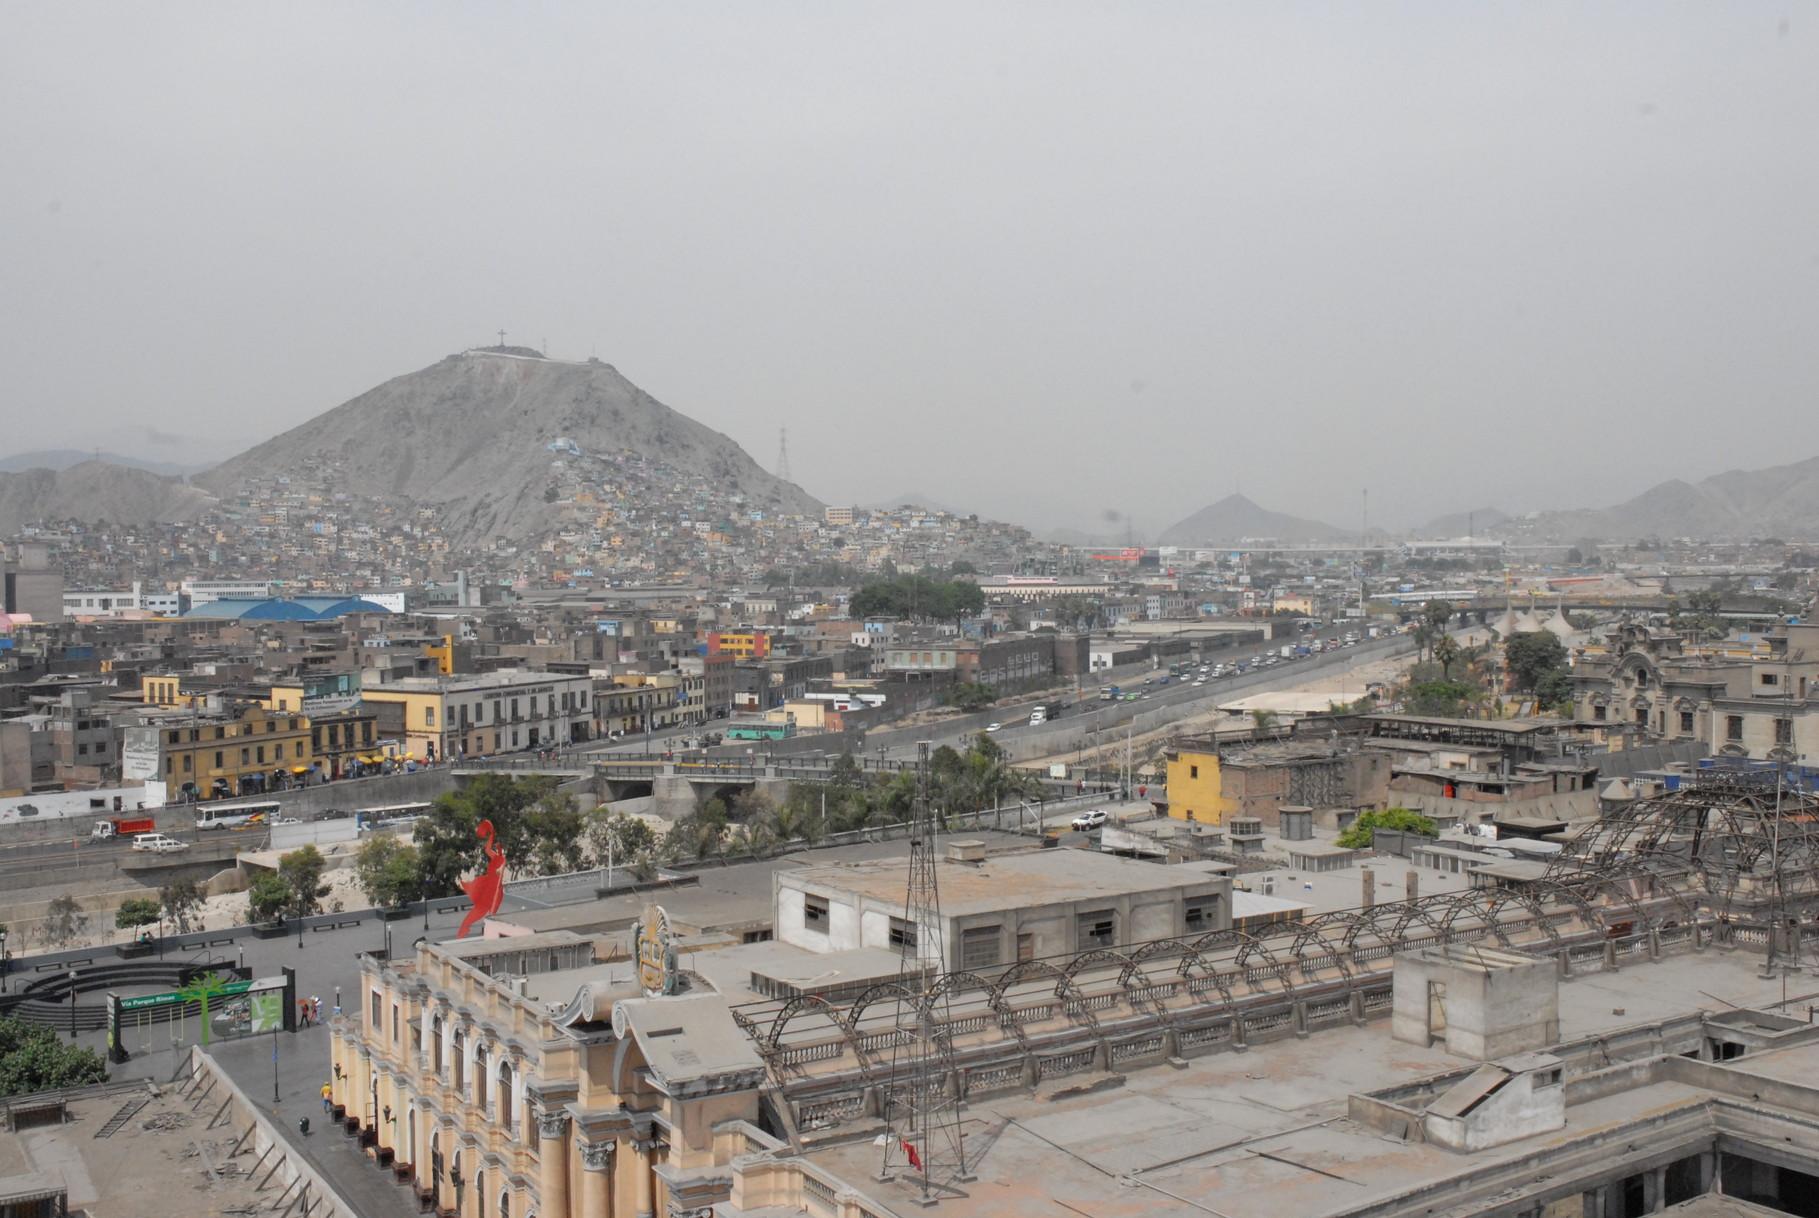 Lima von oben gesehen